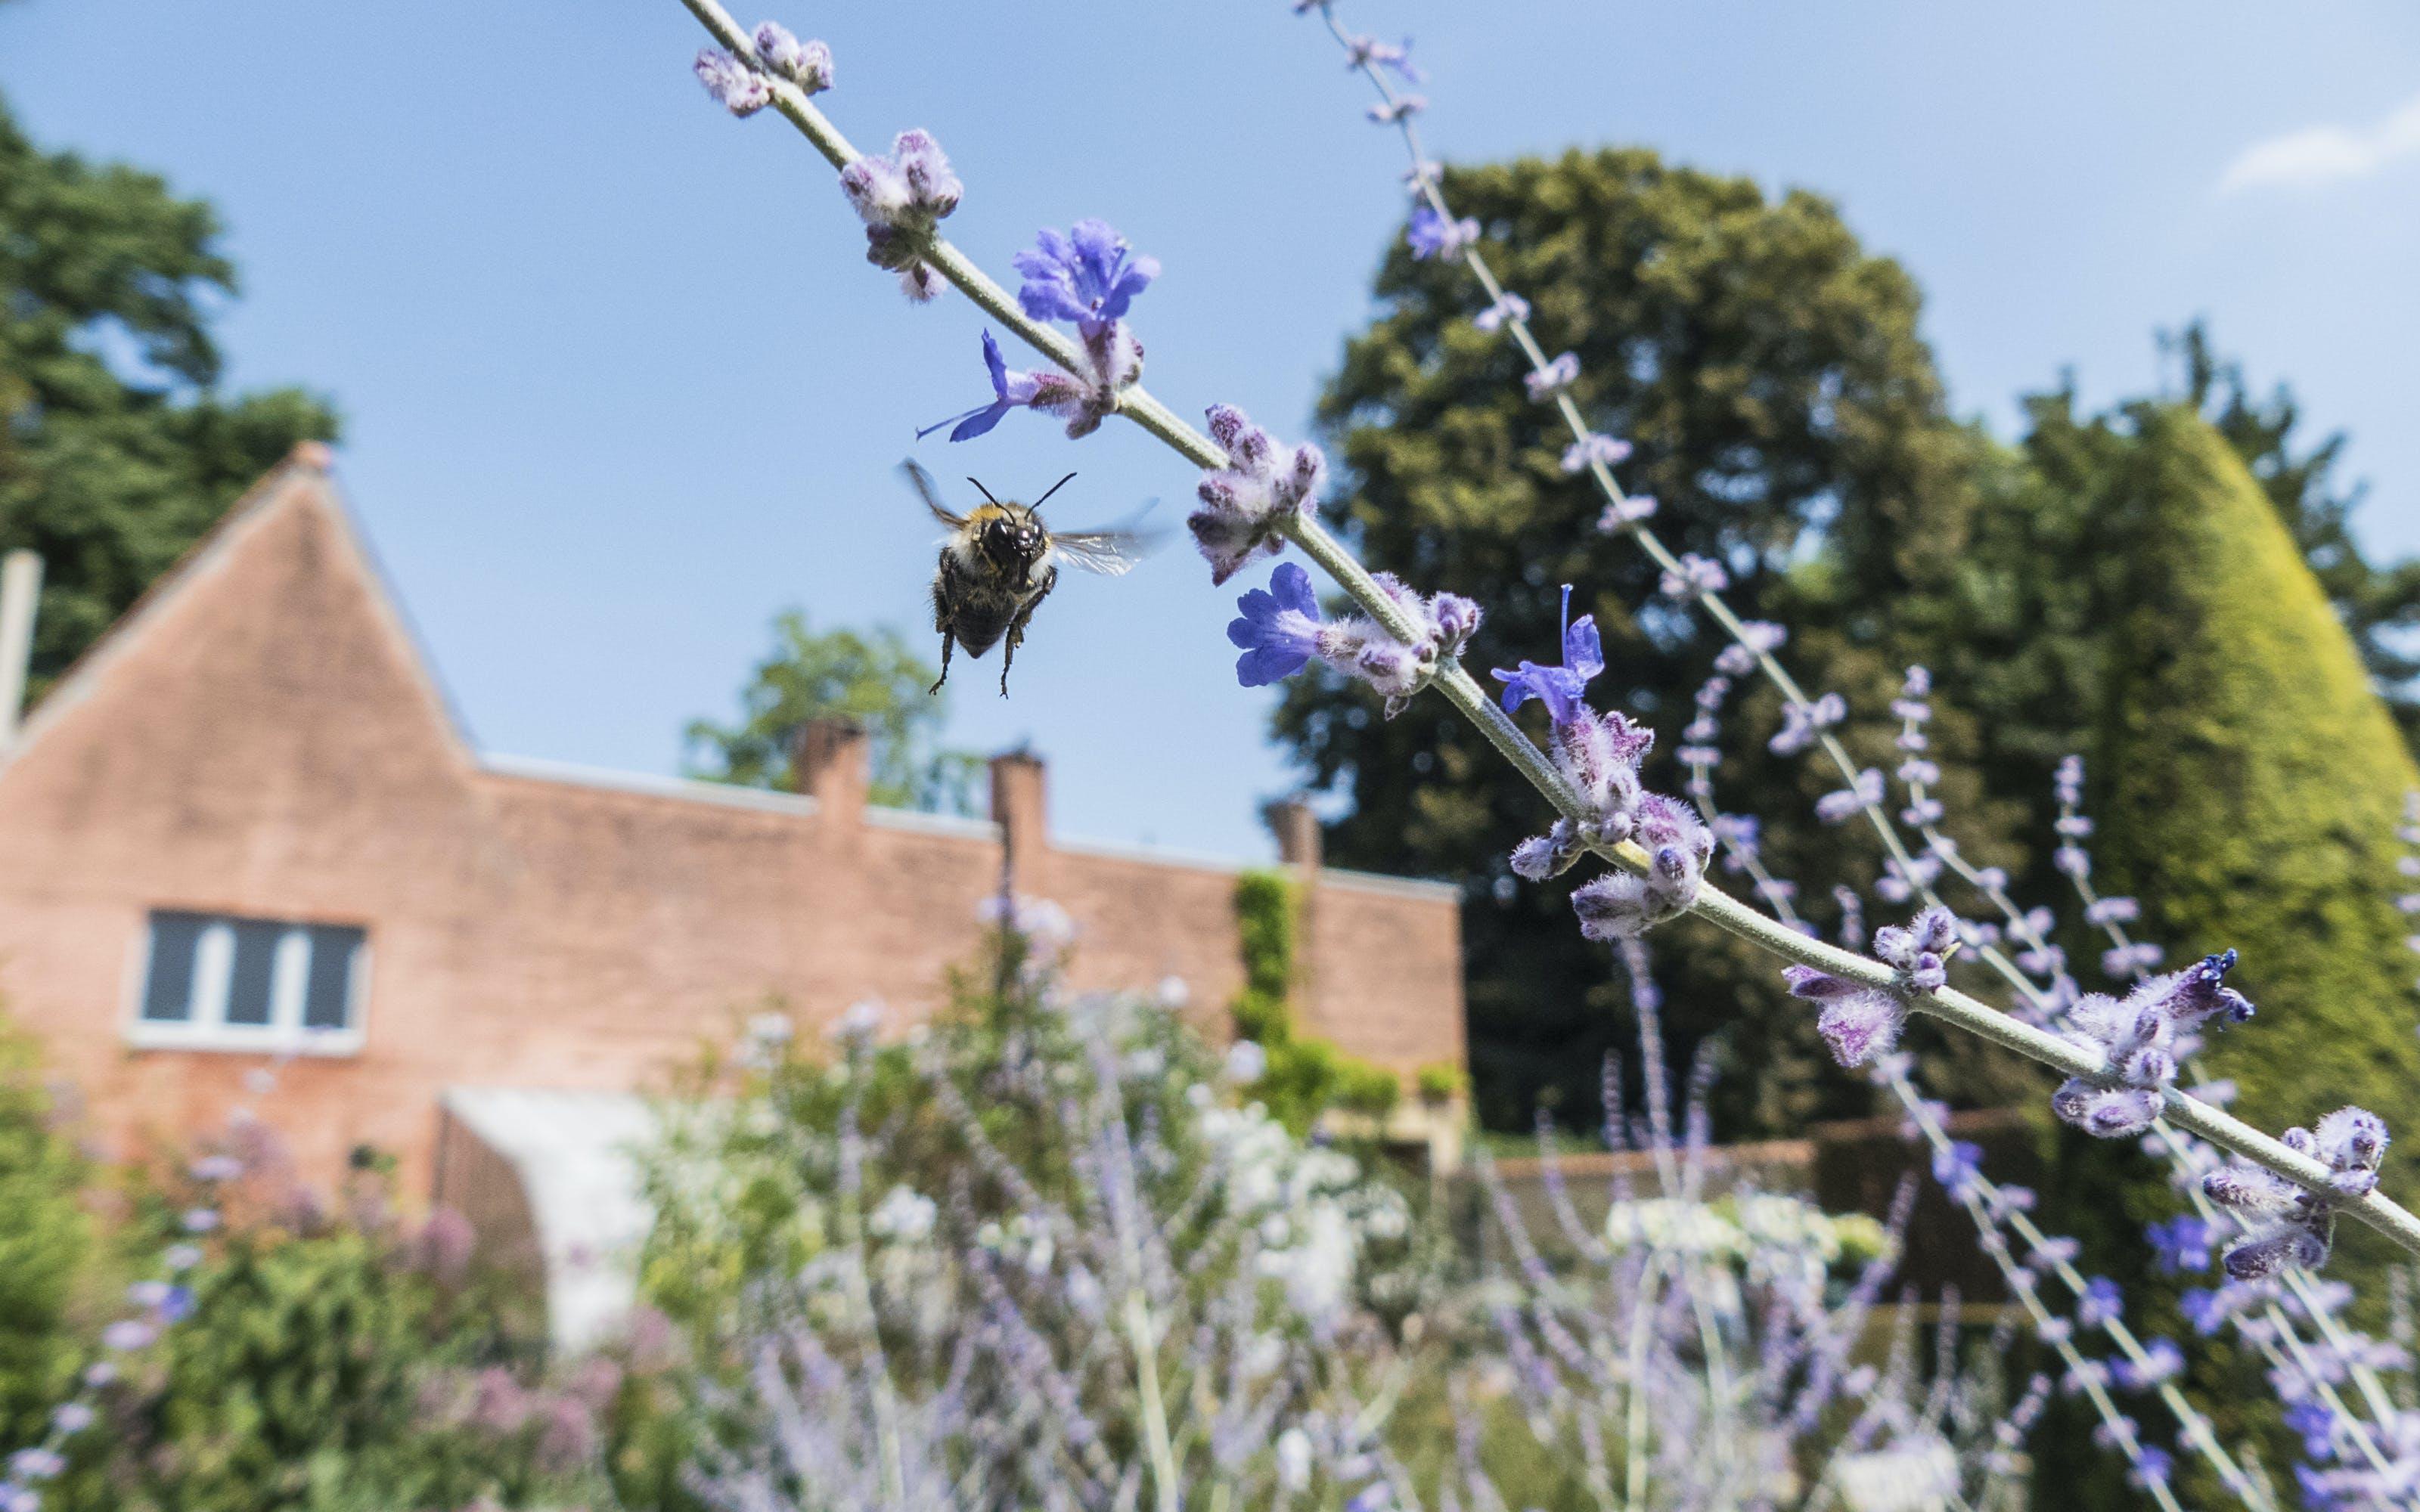 Gratis lagerfoto af blå himmel, flyve, humlebi, lilla blomster